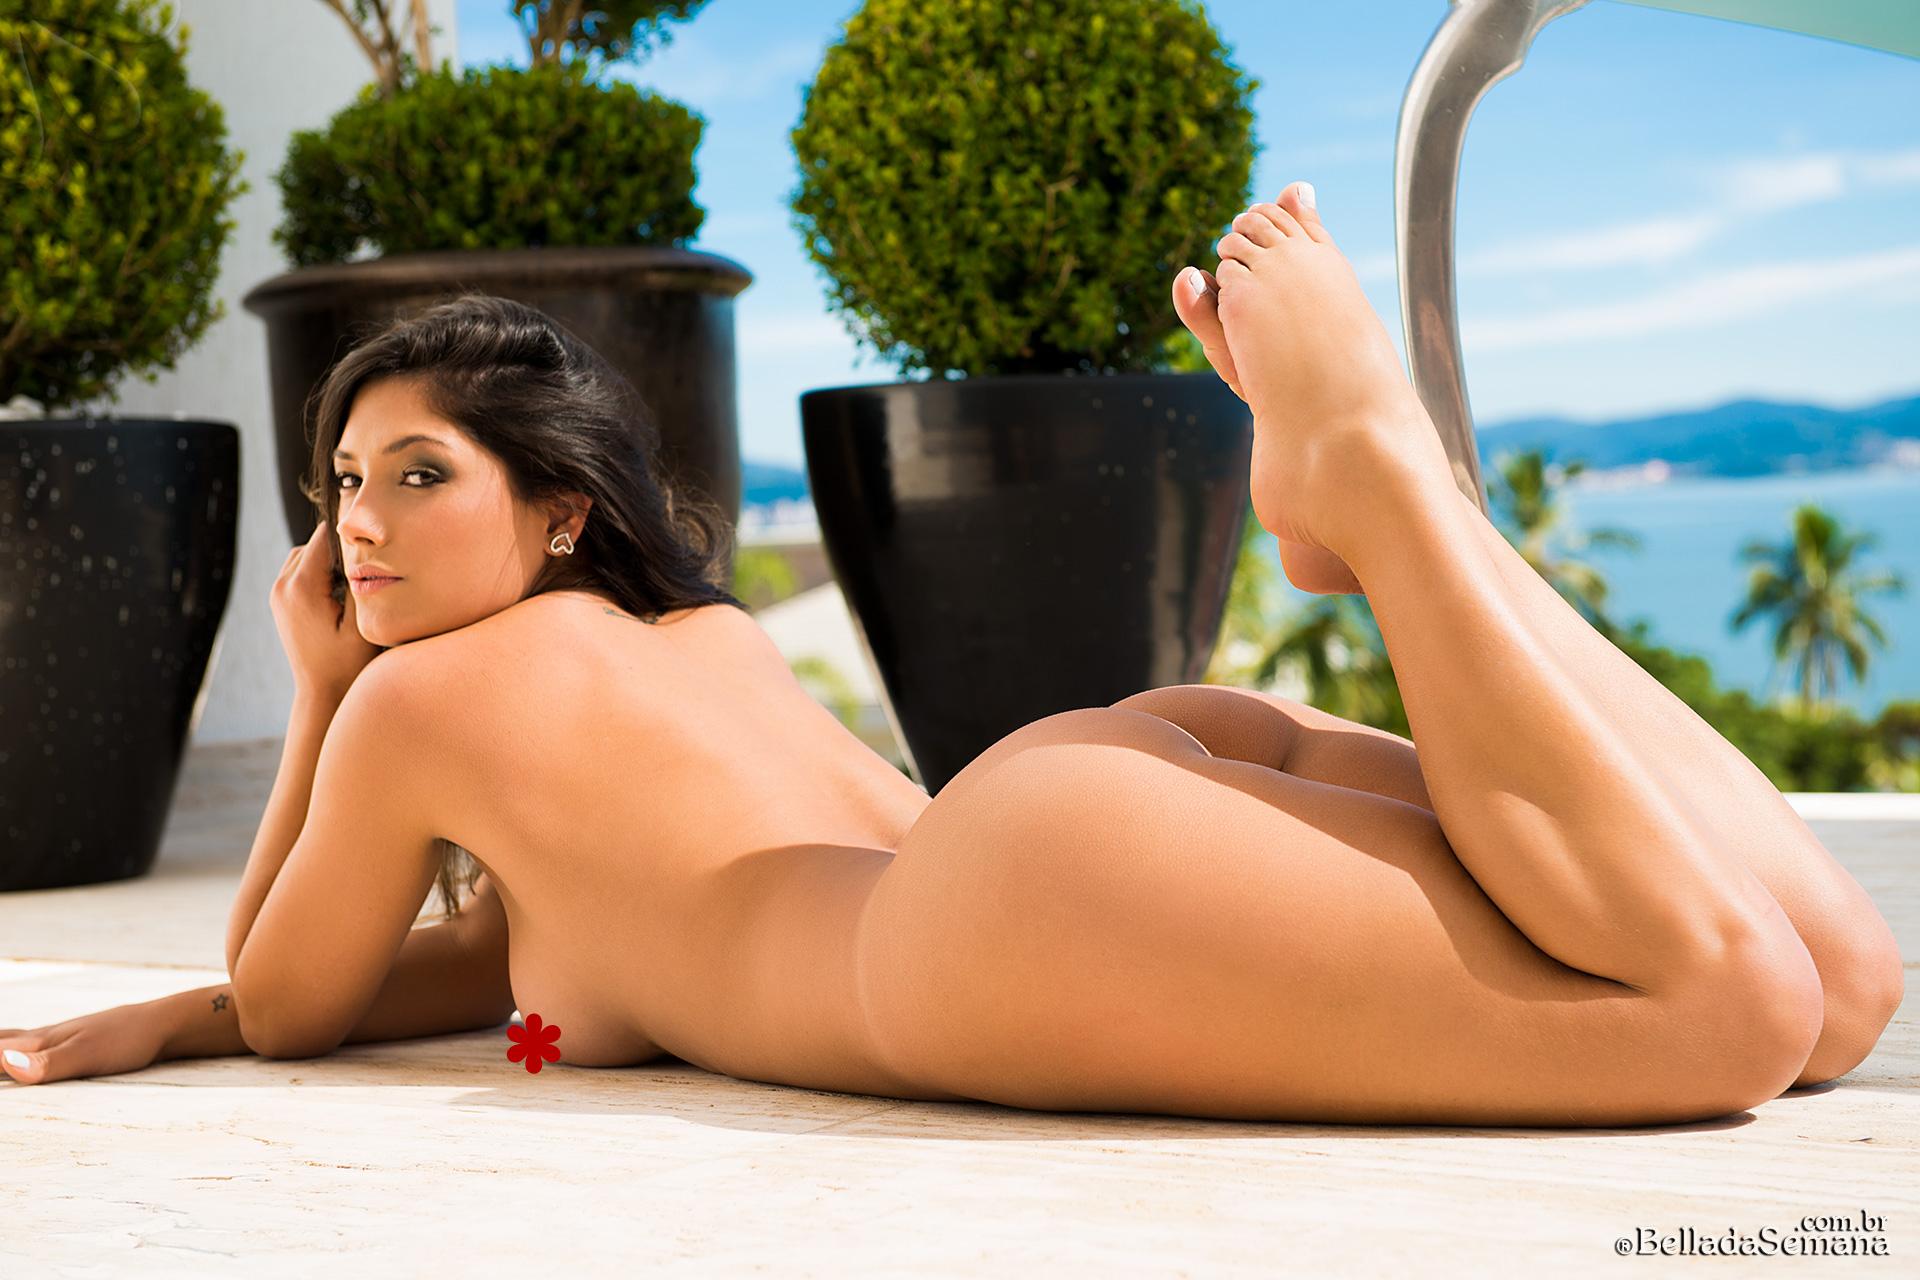 Ina raymundo nude